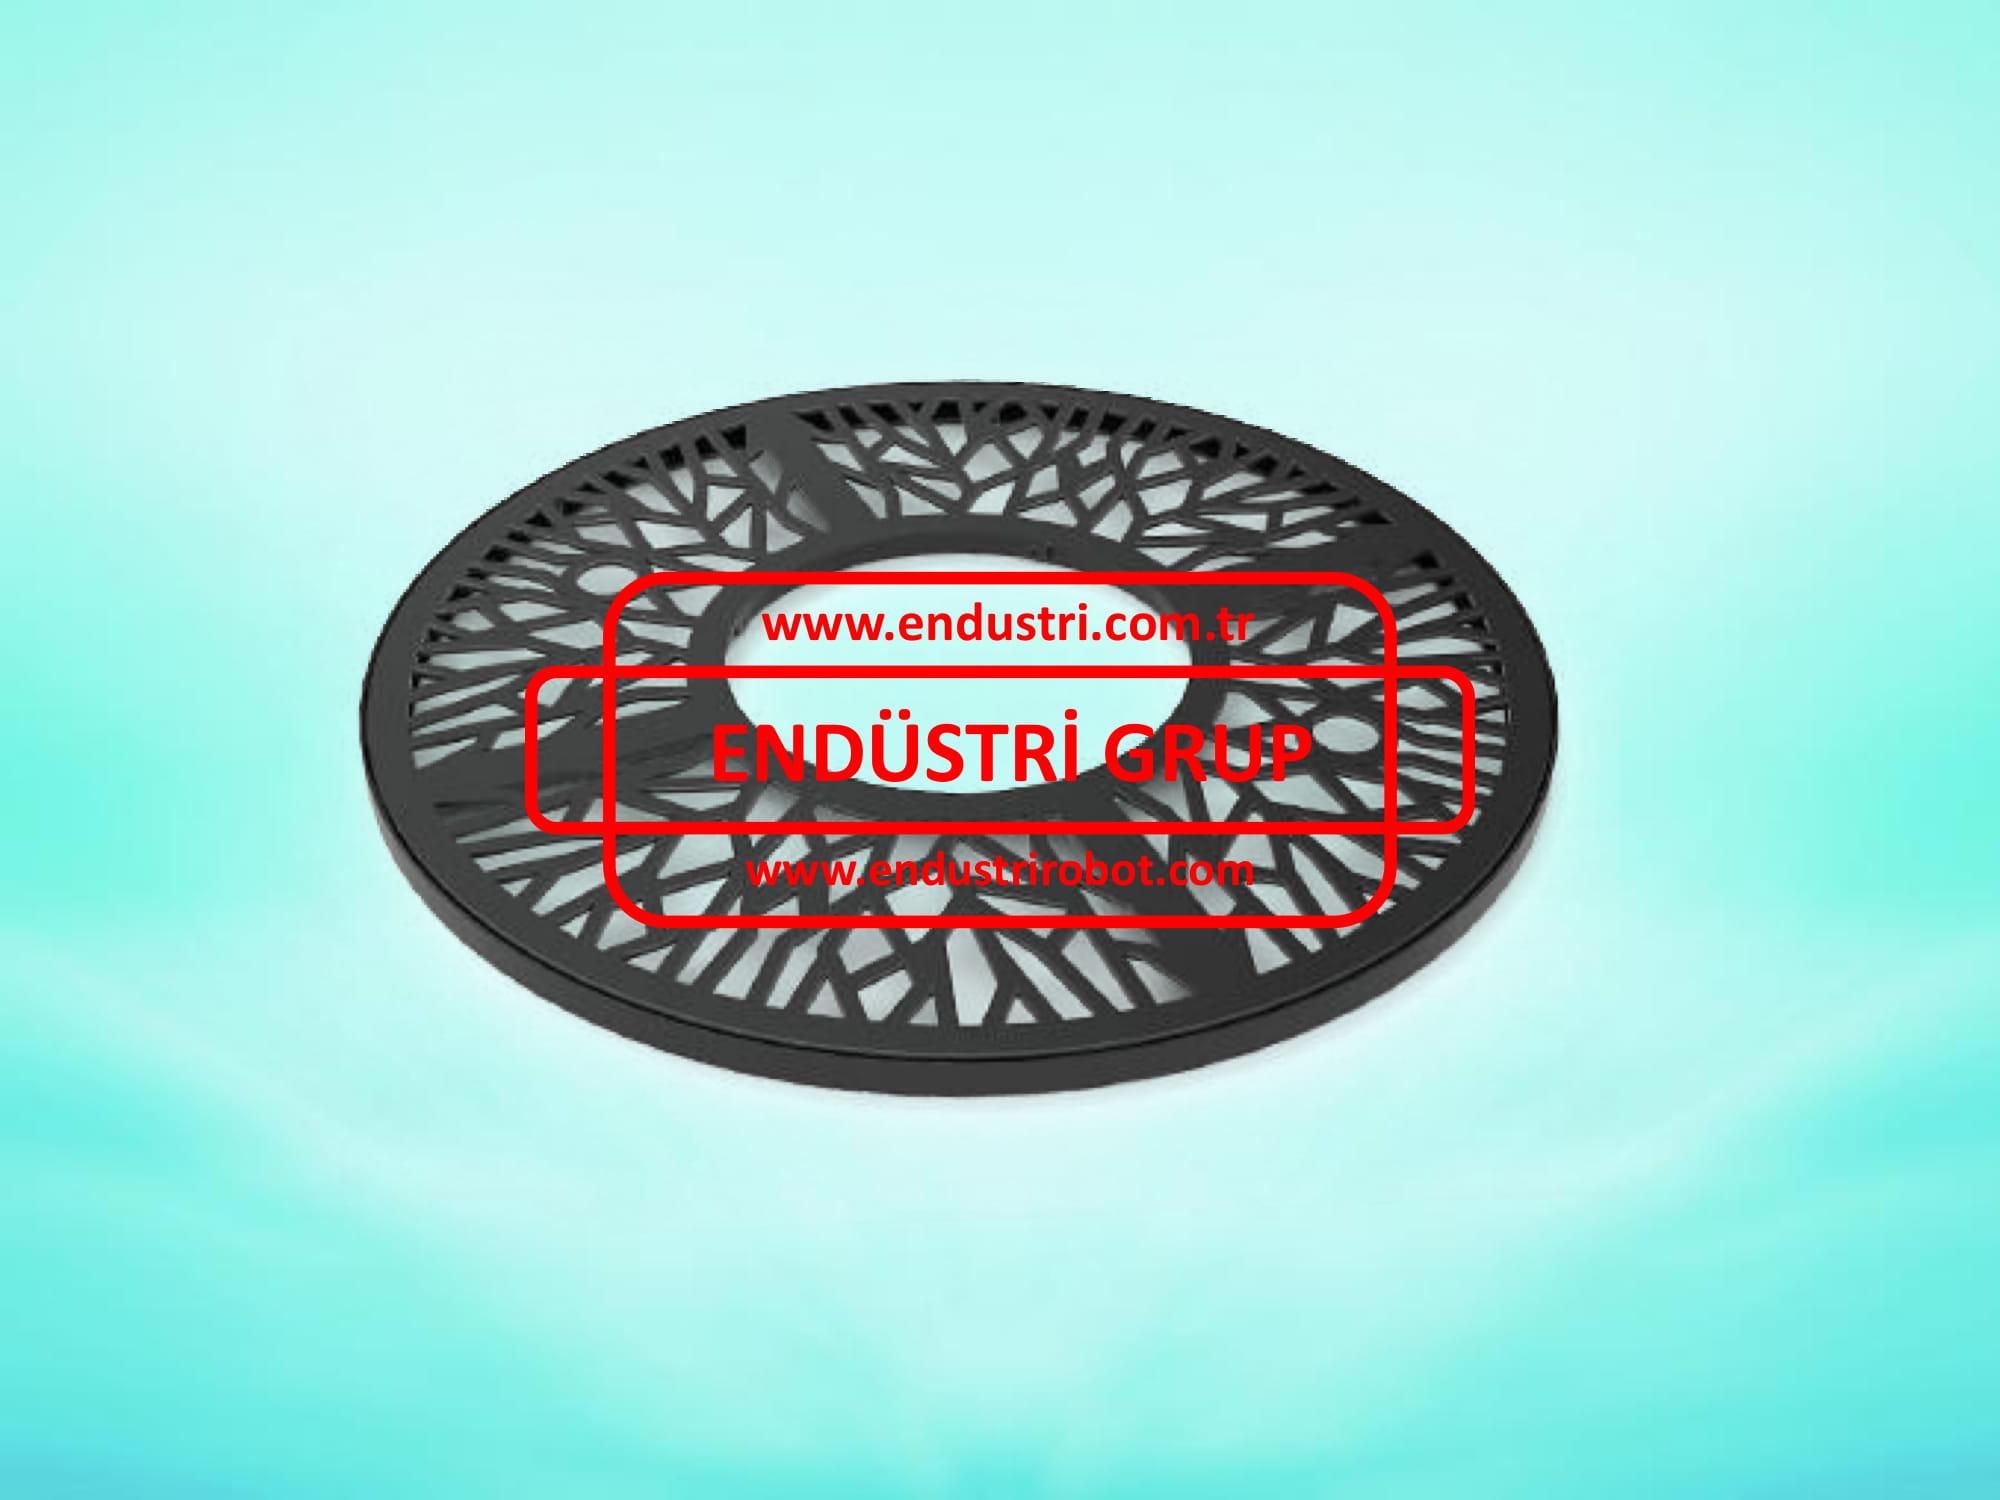 agac-alti-dibi-izgarasi-fiyati-ctp-kompozit-plastik-fiberglass-polyester-dokum-fiyatlari